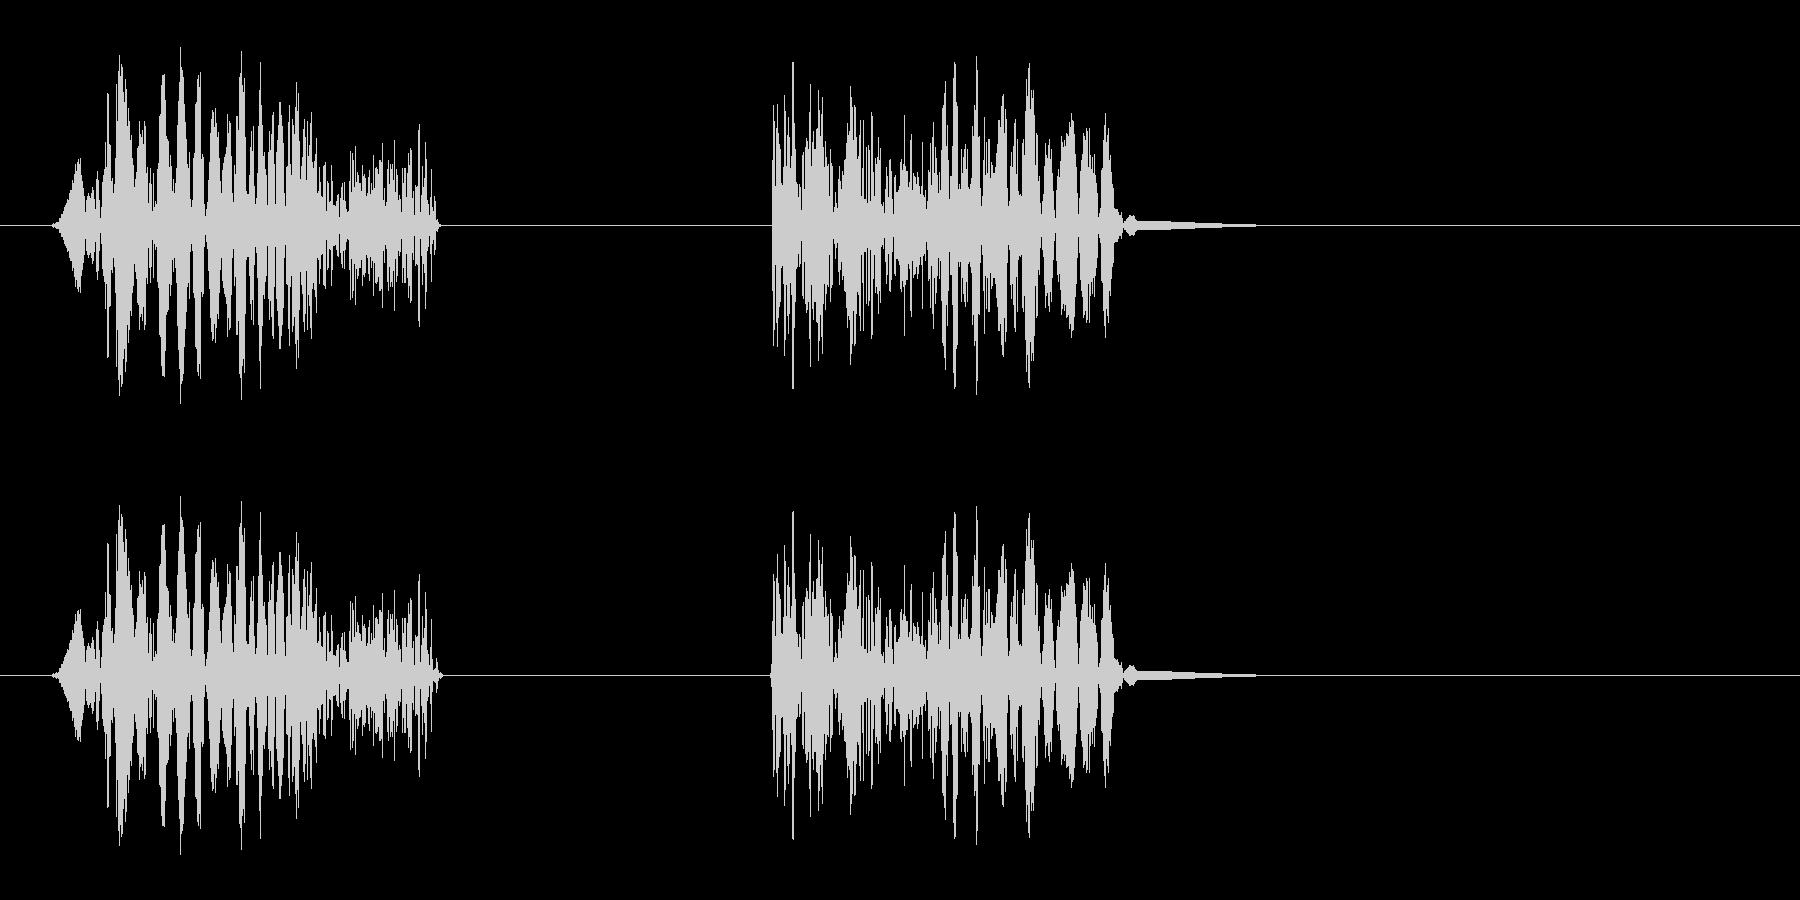 シュワッ(スクラッチ、ひっかく音)の未再生の波形